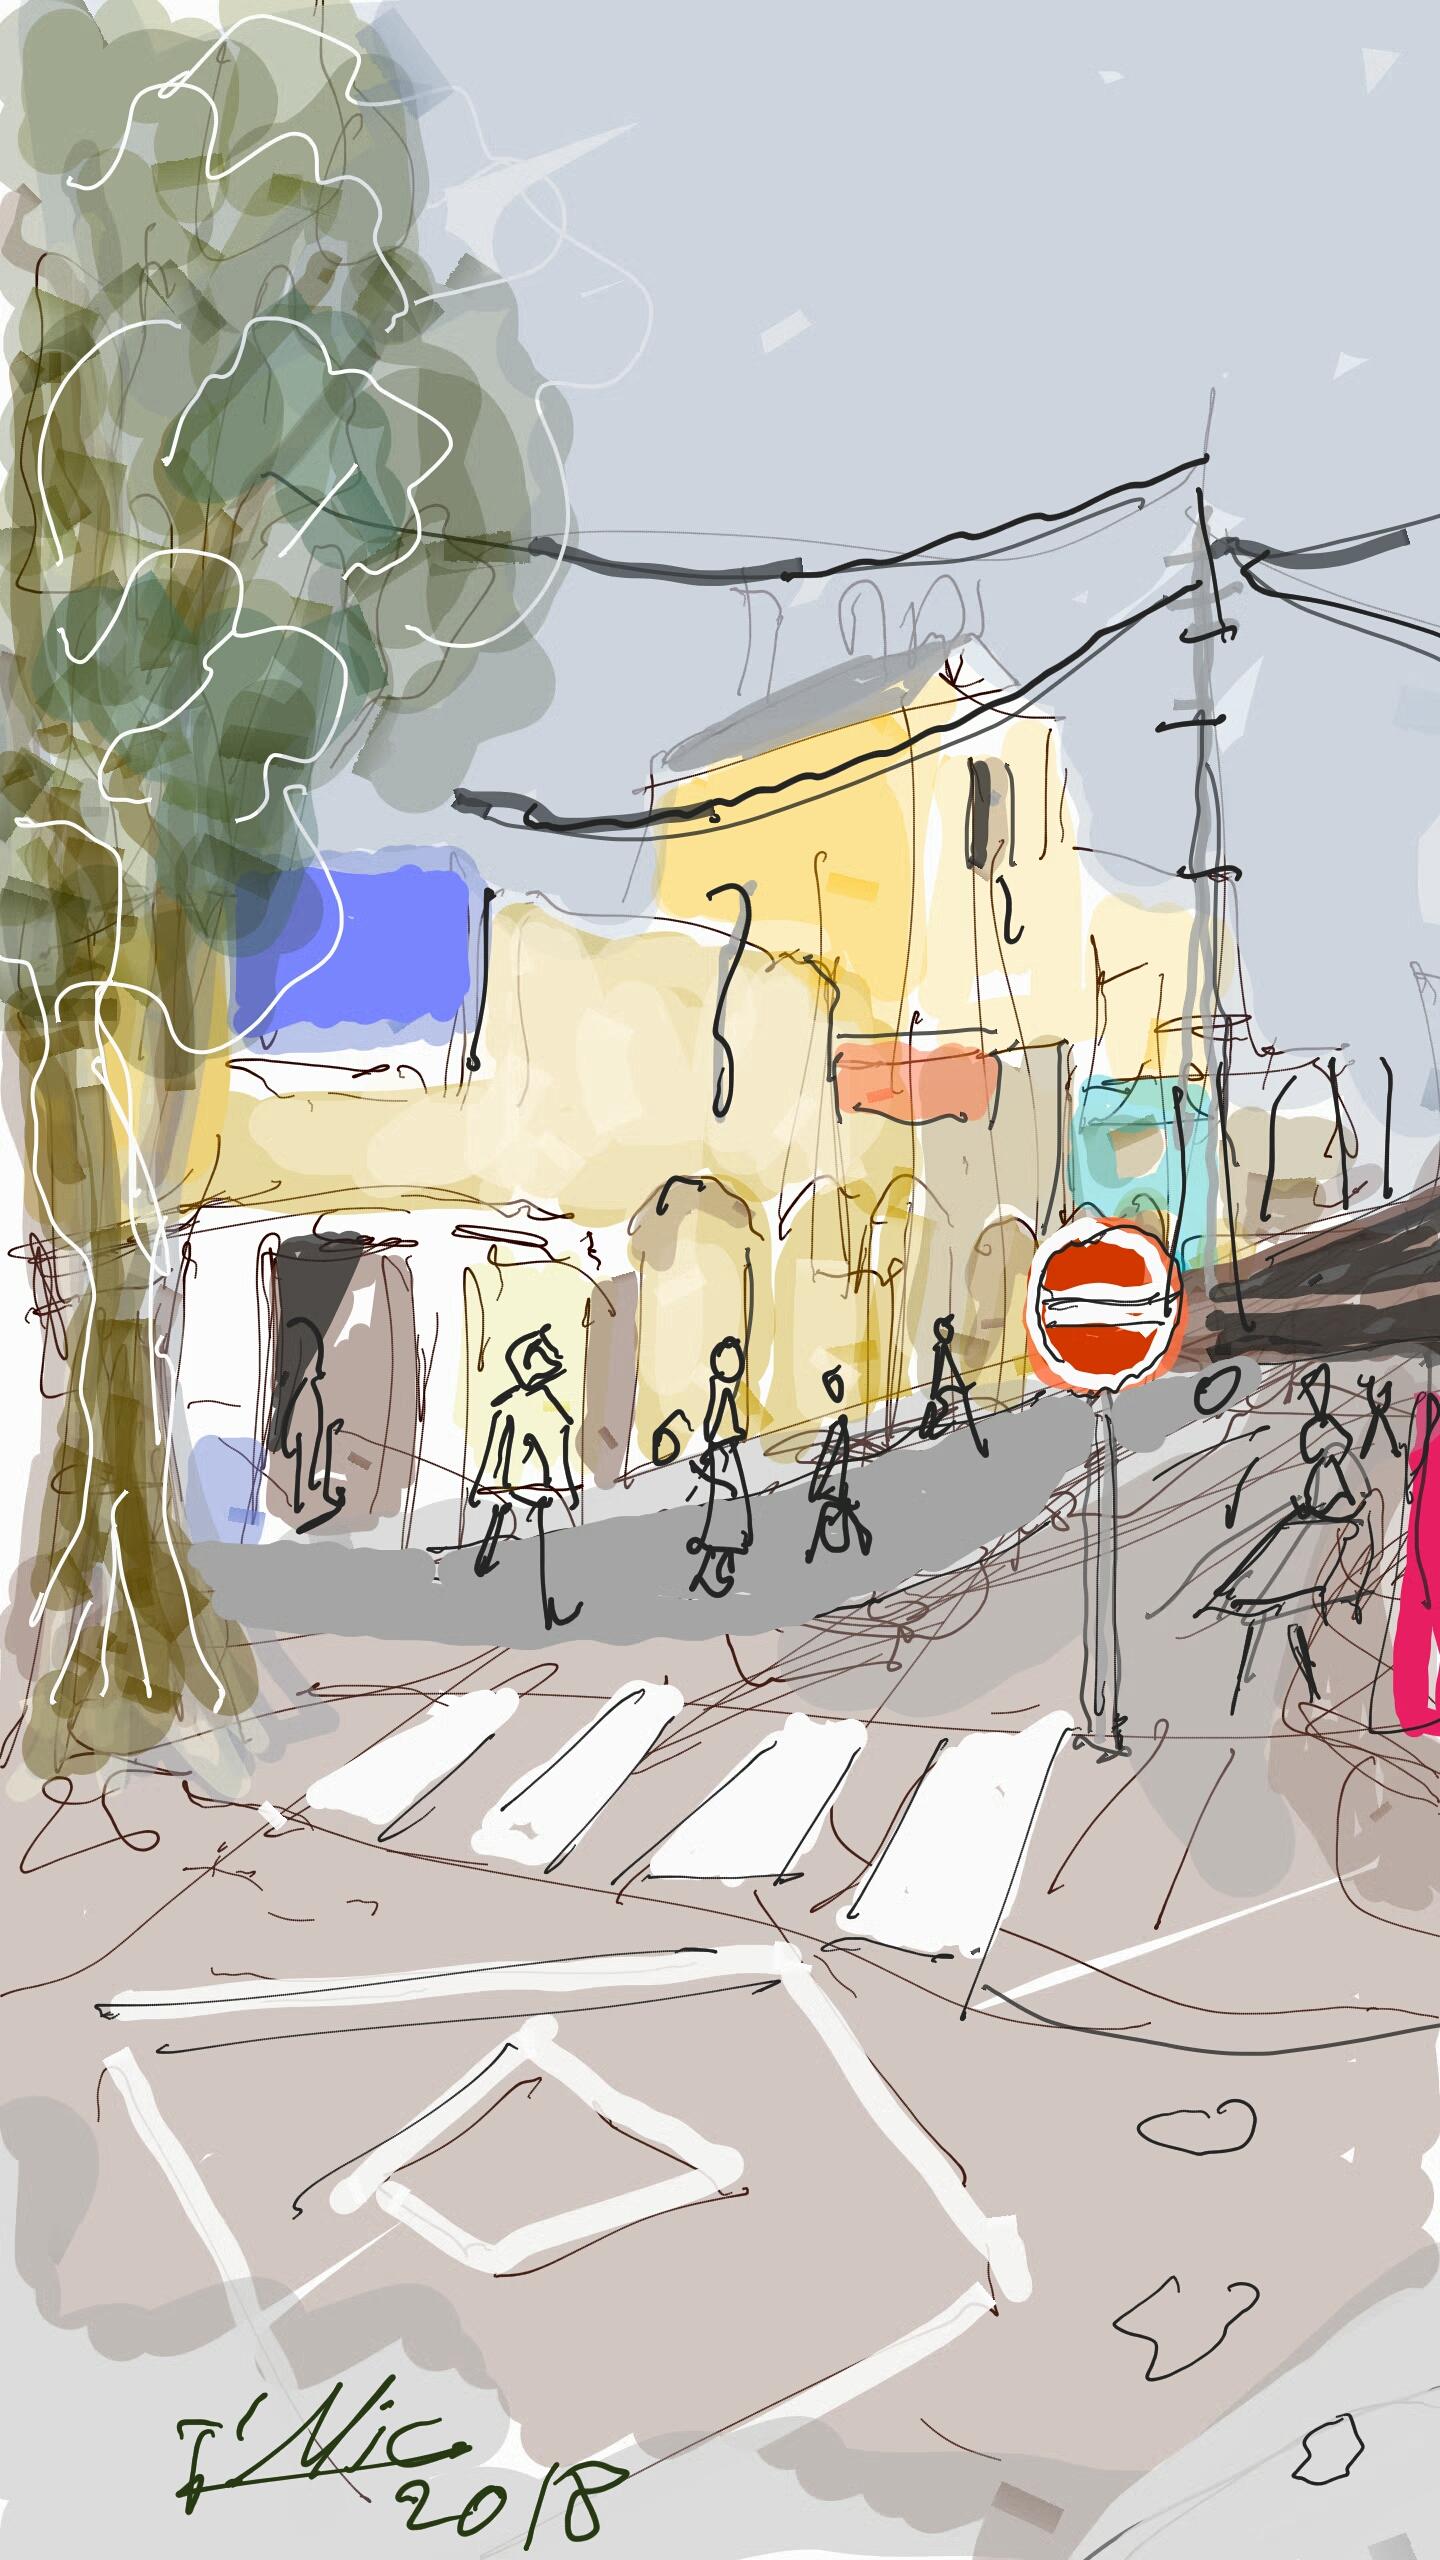 סיור בקו וצבע בעיר העתיקה בבאר שבע